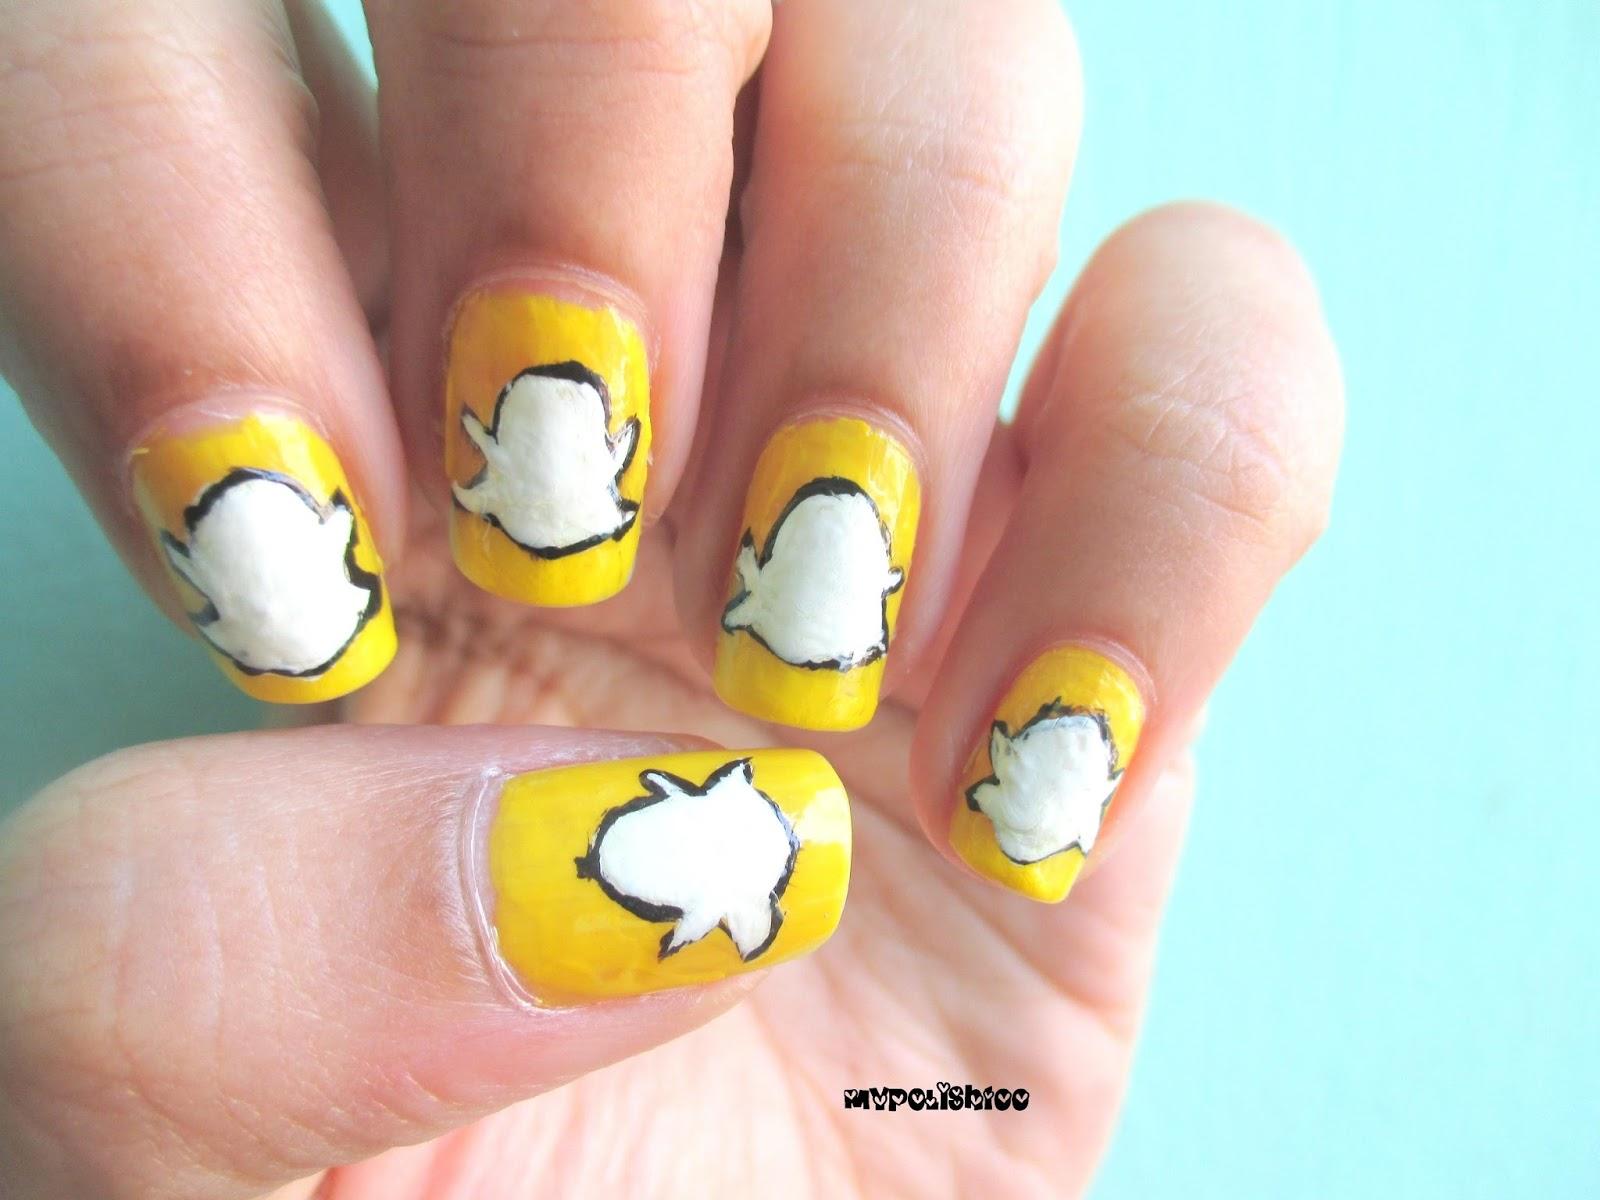 pinkrafts: diy snapchat nails for halloween